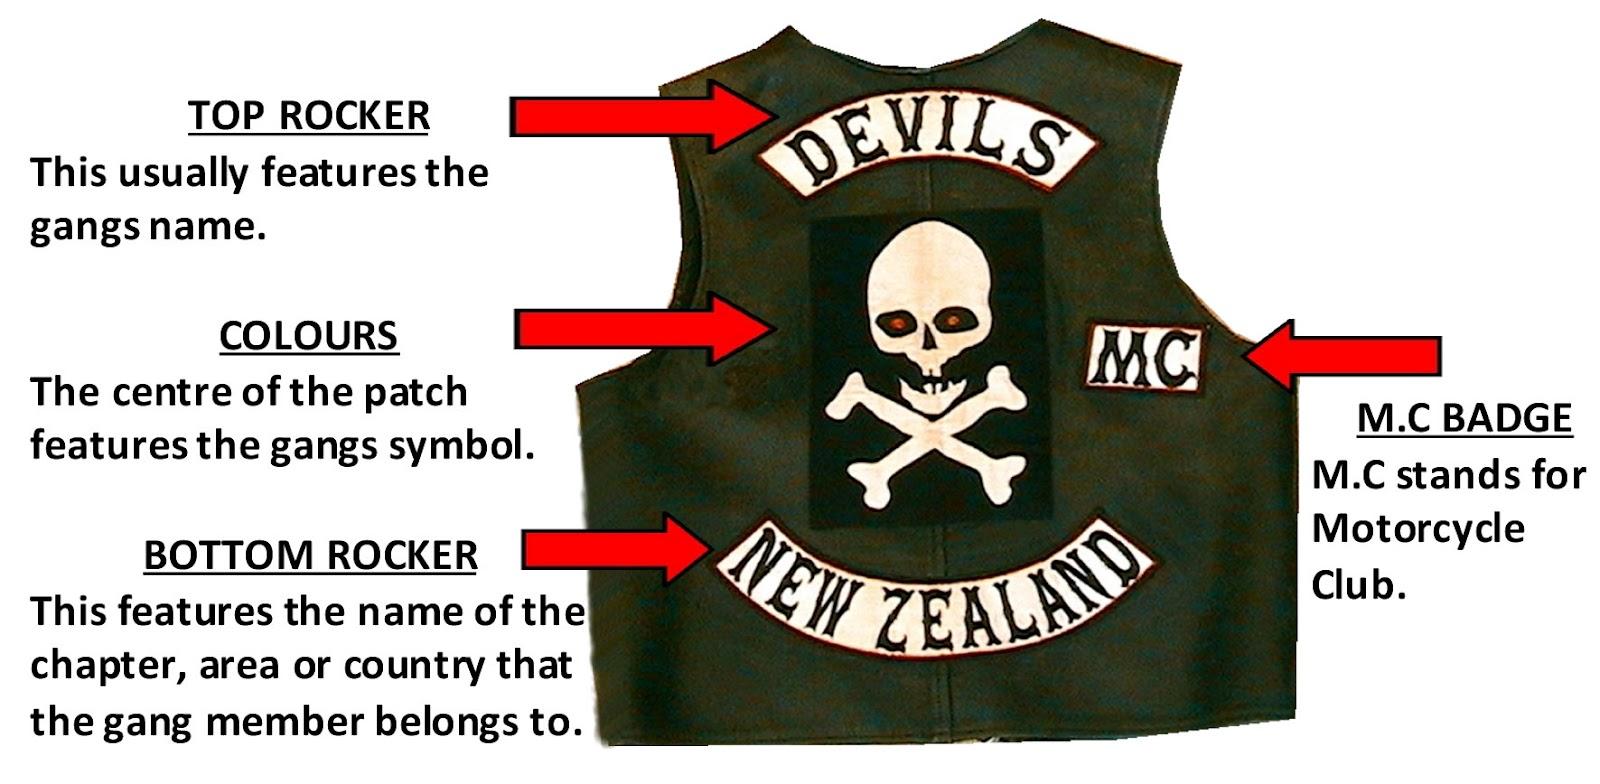 http://2.bp.blogspot.com/-QD4wcRtVQqc/T4b3RwfkKUI/AAAAAAAAALw/prQjheoojRg/s1600/back-patch-vest-motorcycle-gang.jpg